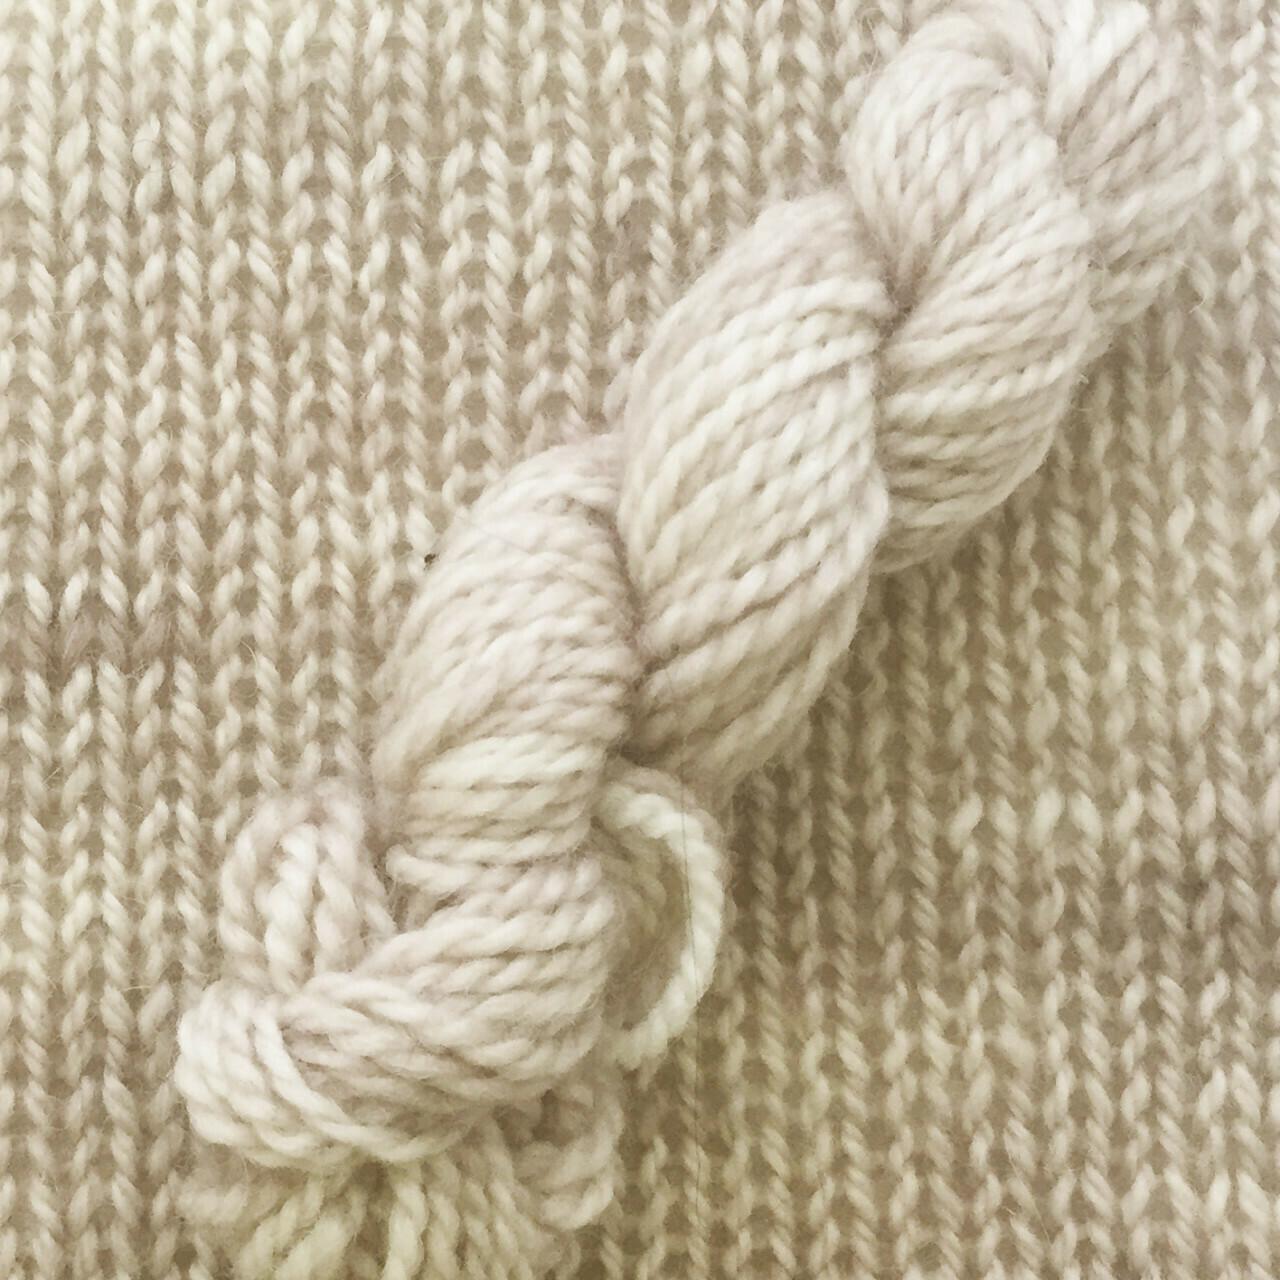 Symmetry Yarn - Being Beige